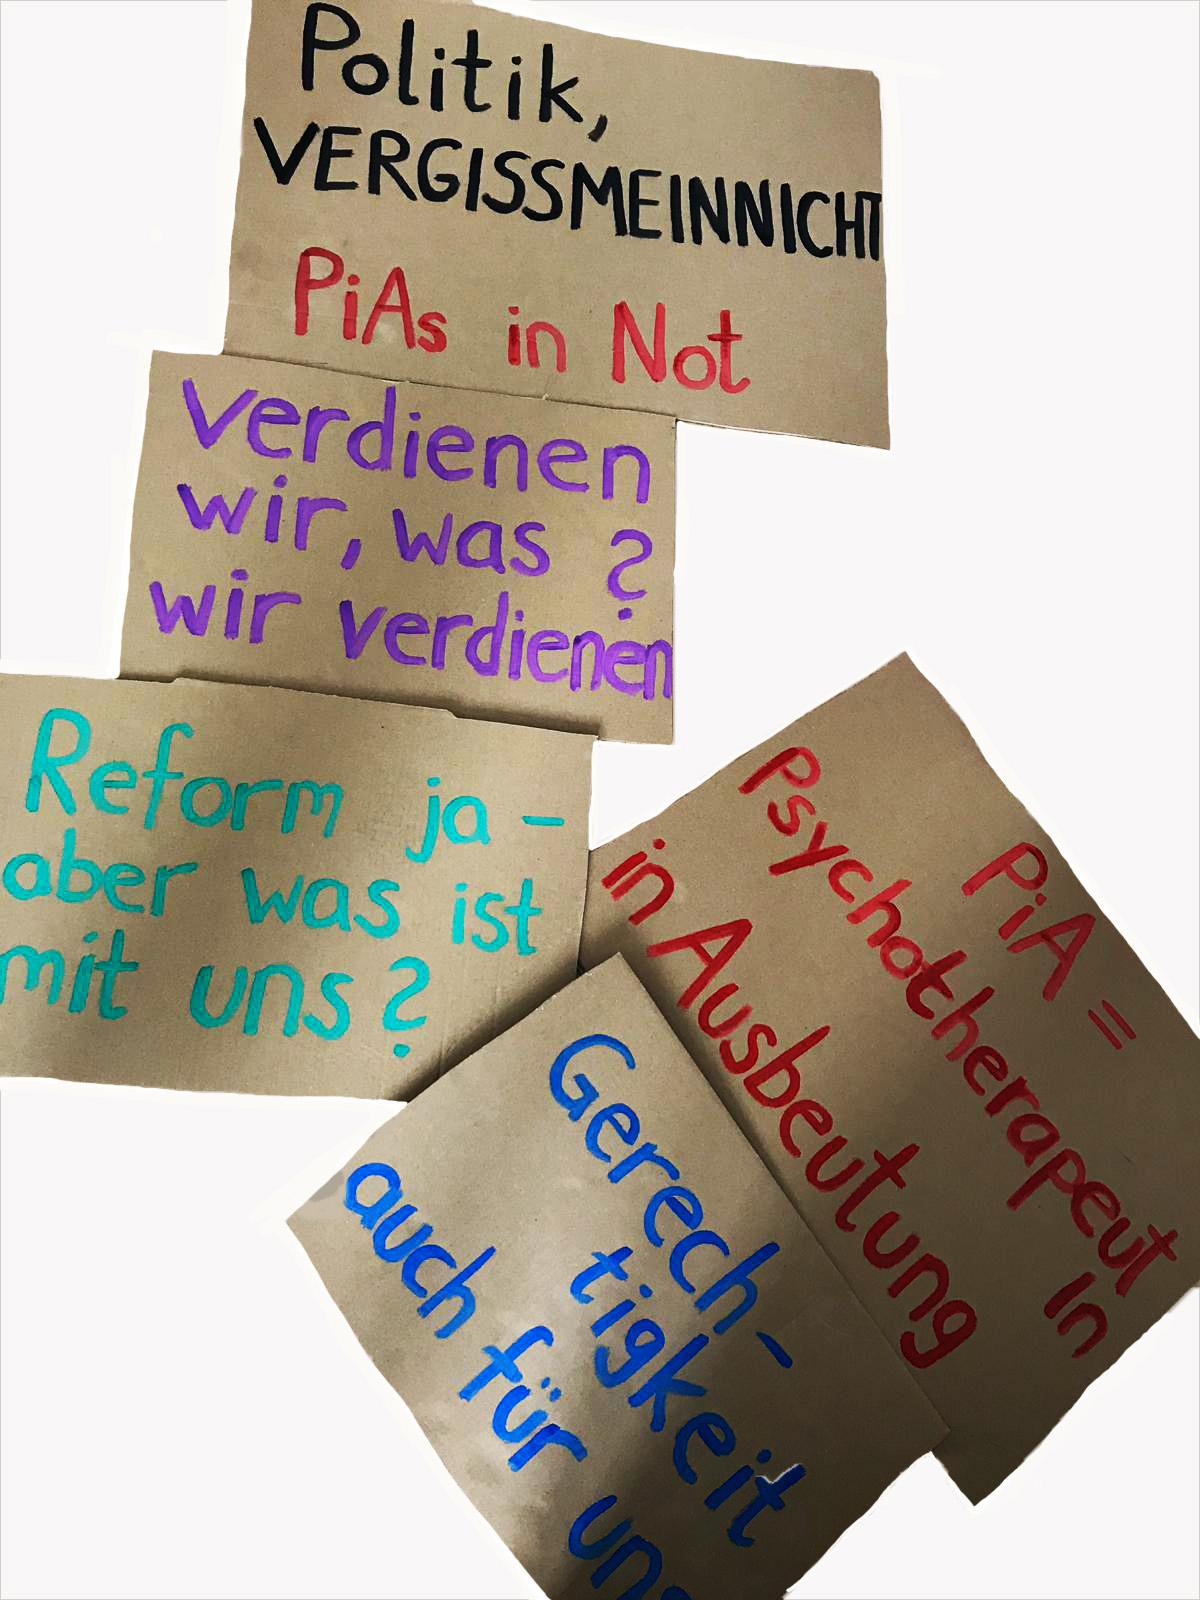 PiAs – Psychotherapeuten in Ausbeutung – Der Kampf geht weiter!